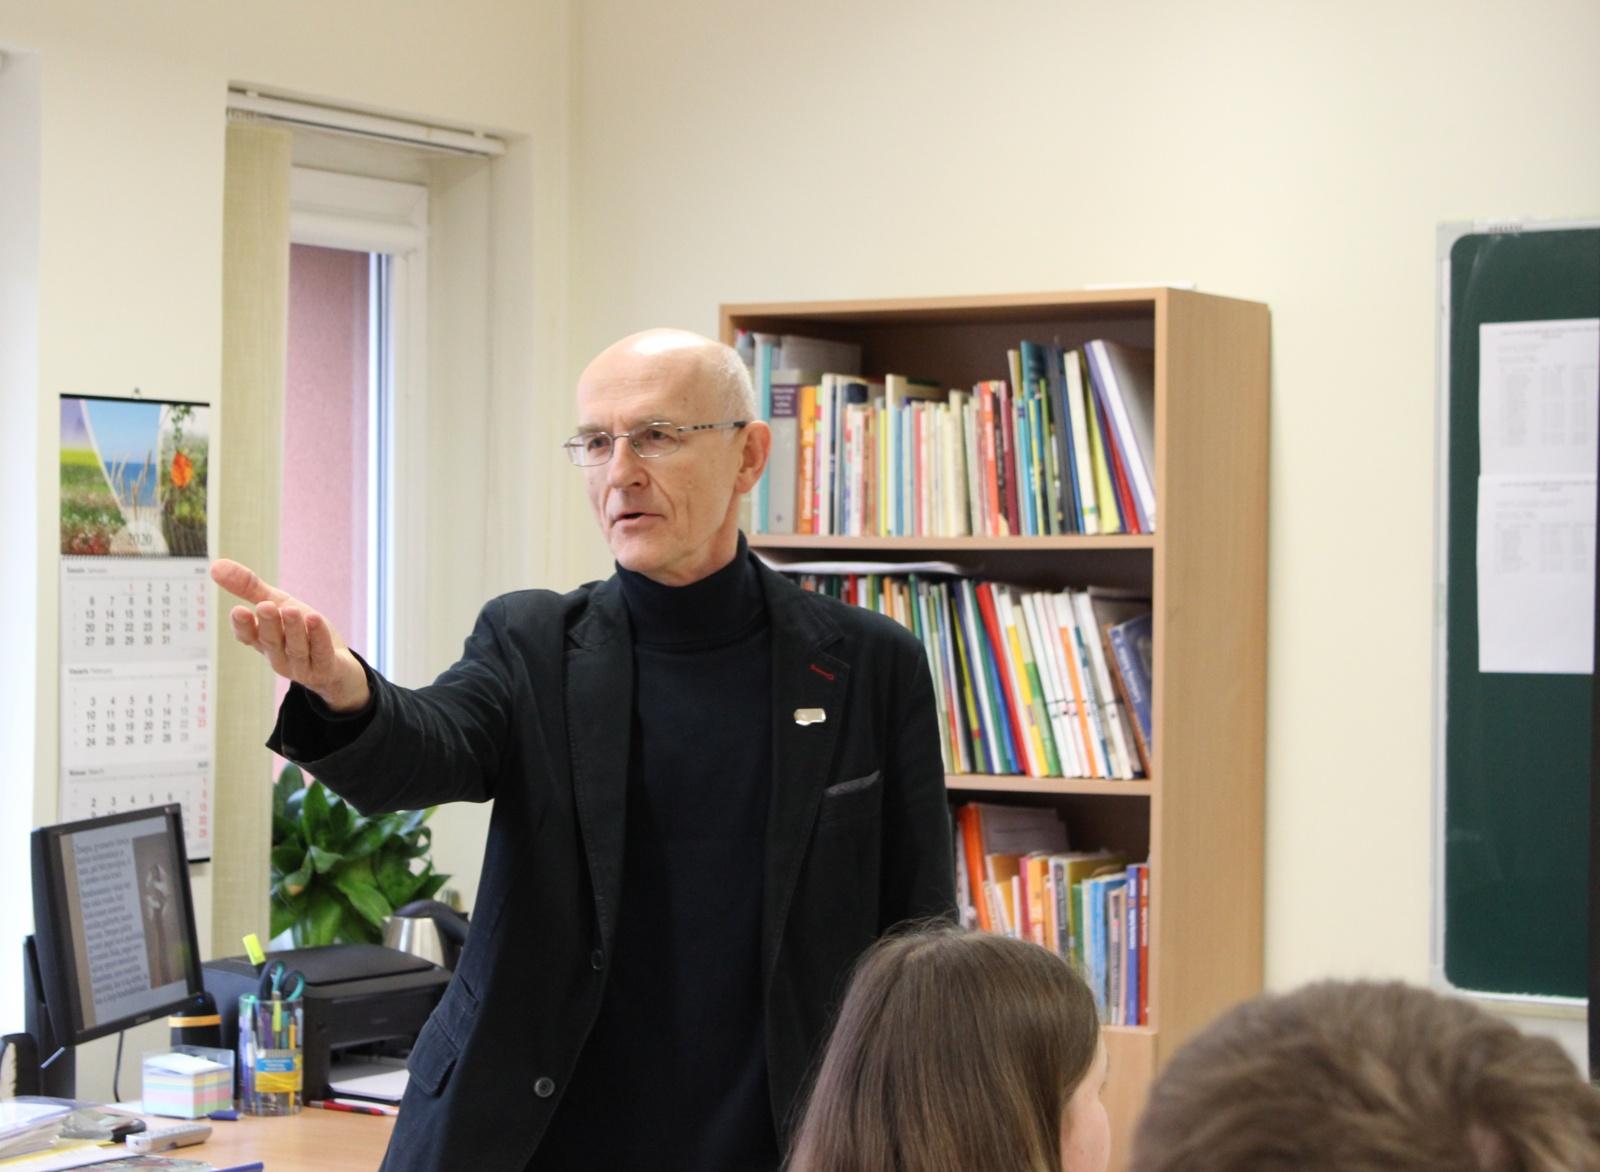 Gimnazijoje lankėsi signataras Donatas Morkūnas